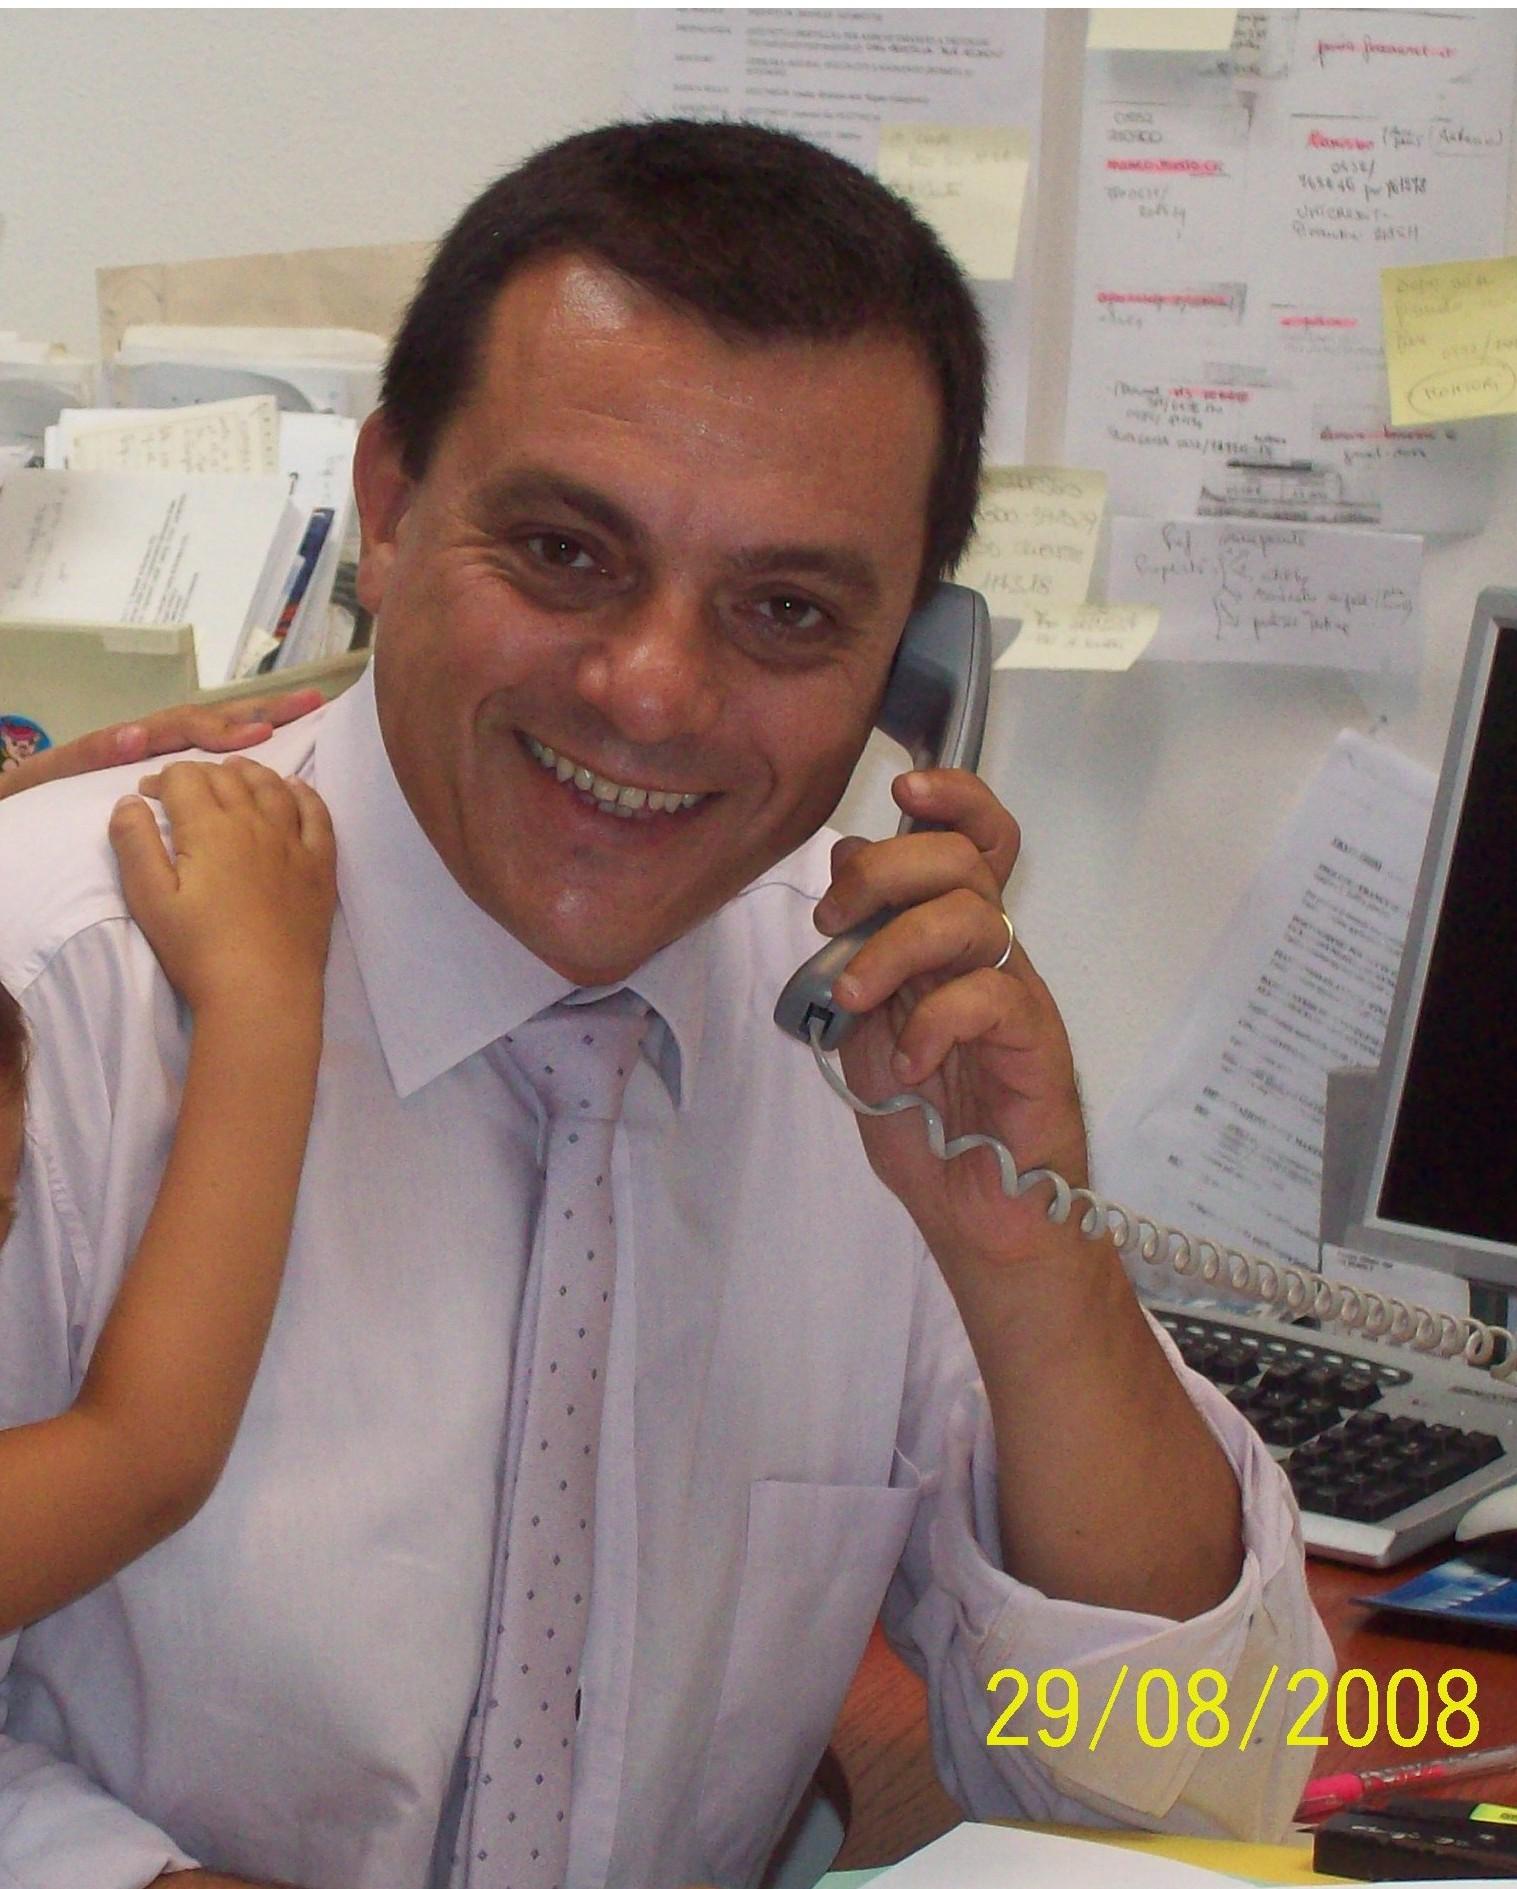 20101110084650-angelo